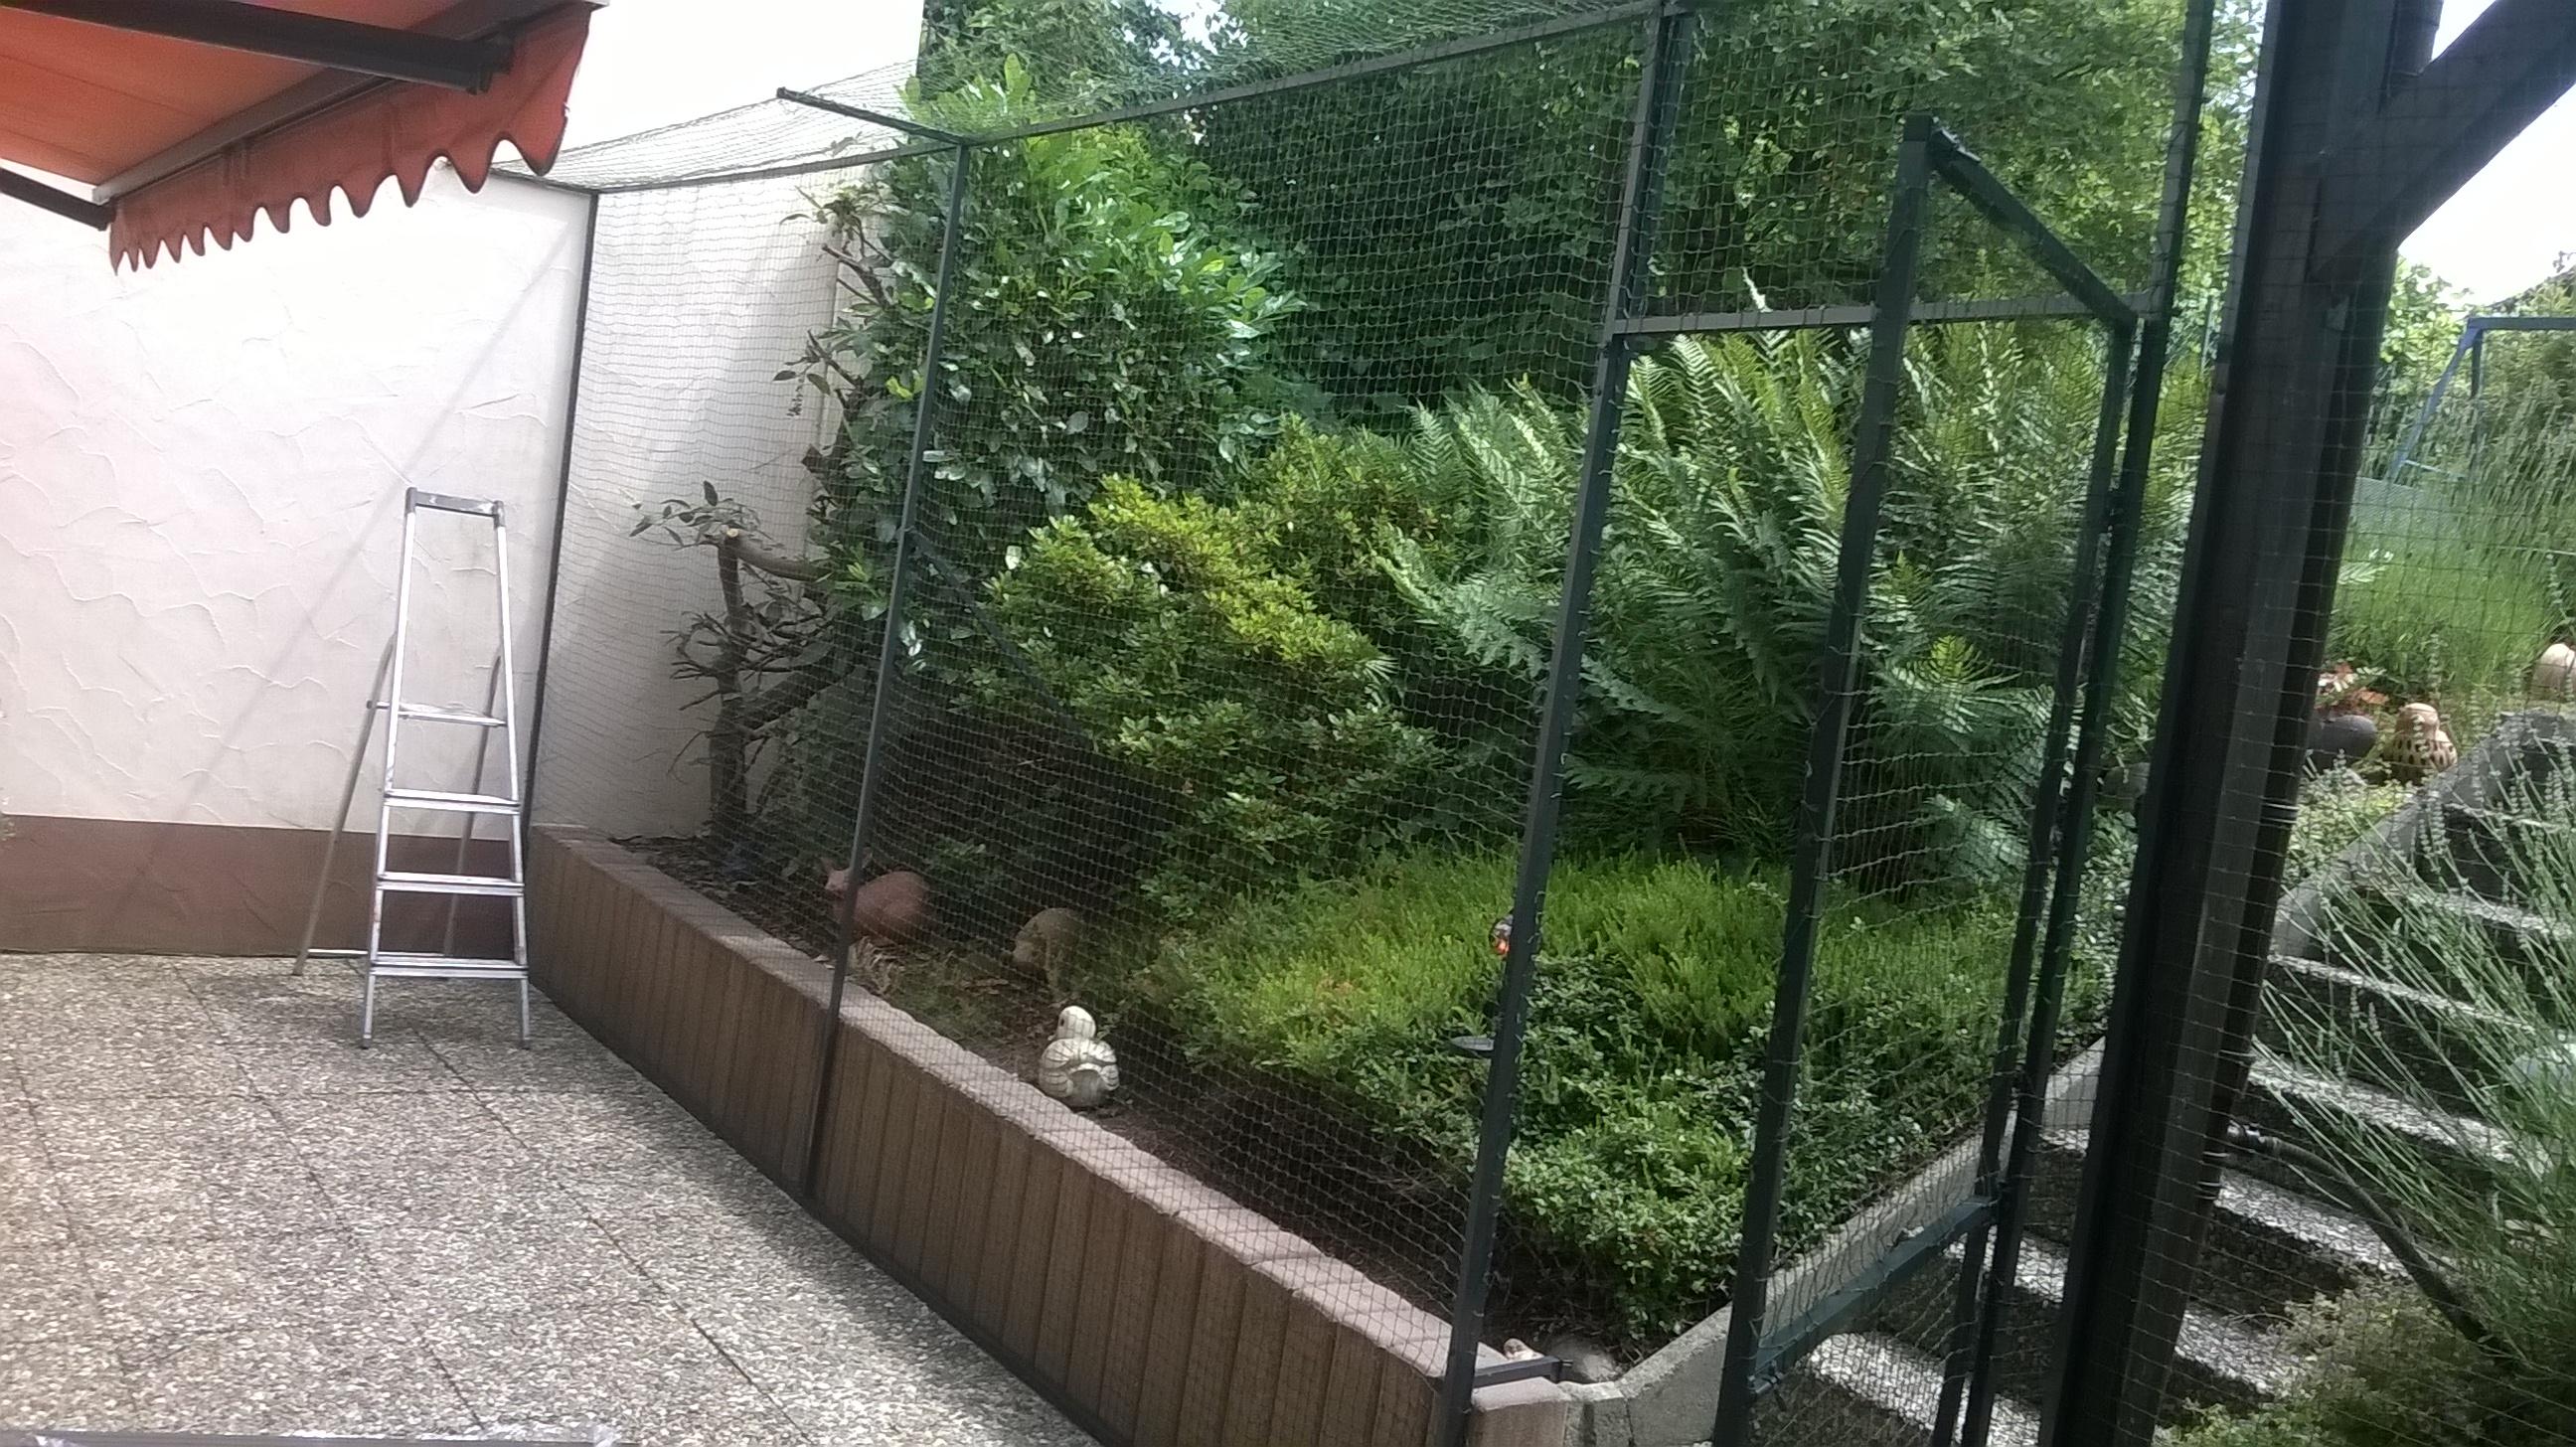 gartenterrasse in hanau bei frankfurt katzensicher vernetzt katzennetze nrw der katzennetz. Black Bedroom Furniture Sets. Home Design Ideas